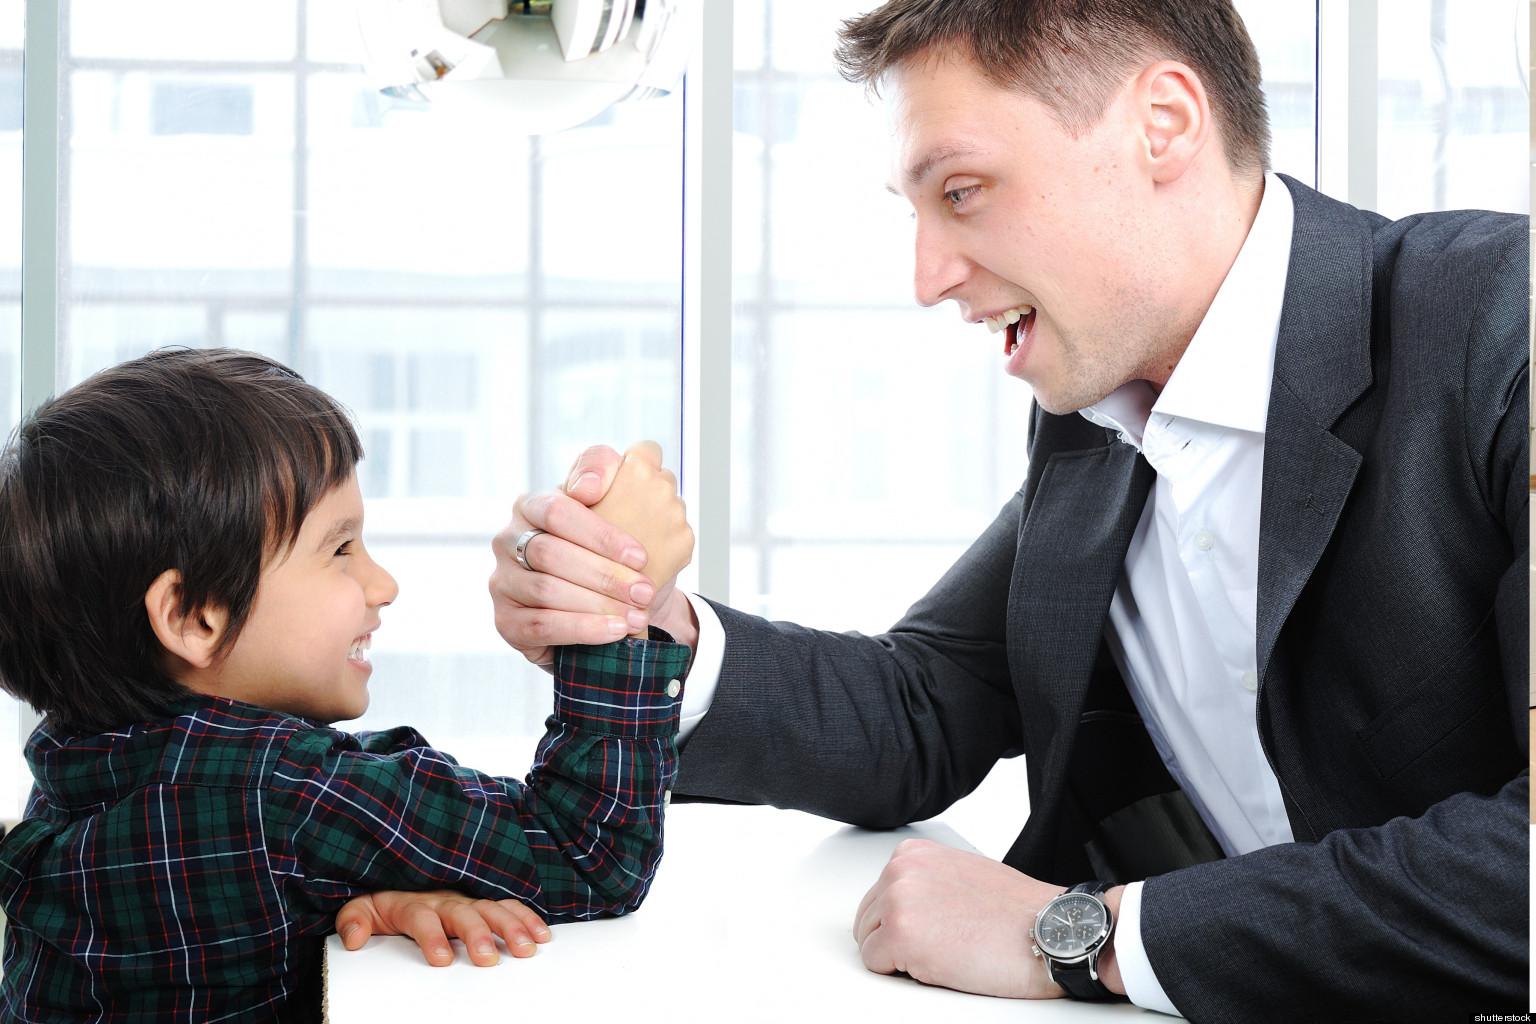 Отец передает лидерские навыки сыну